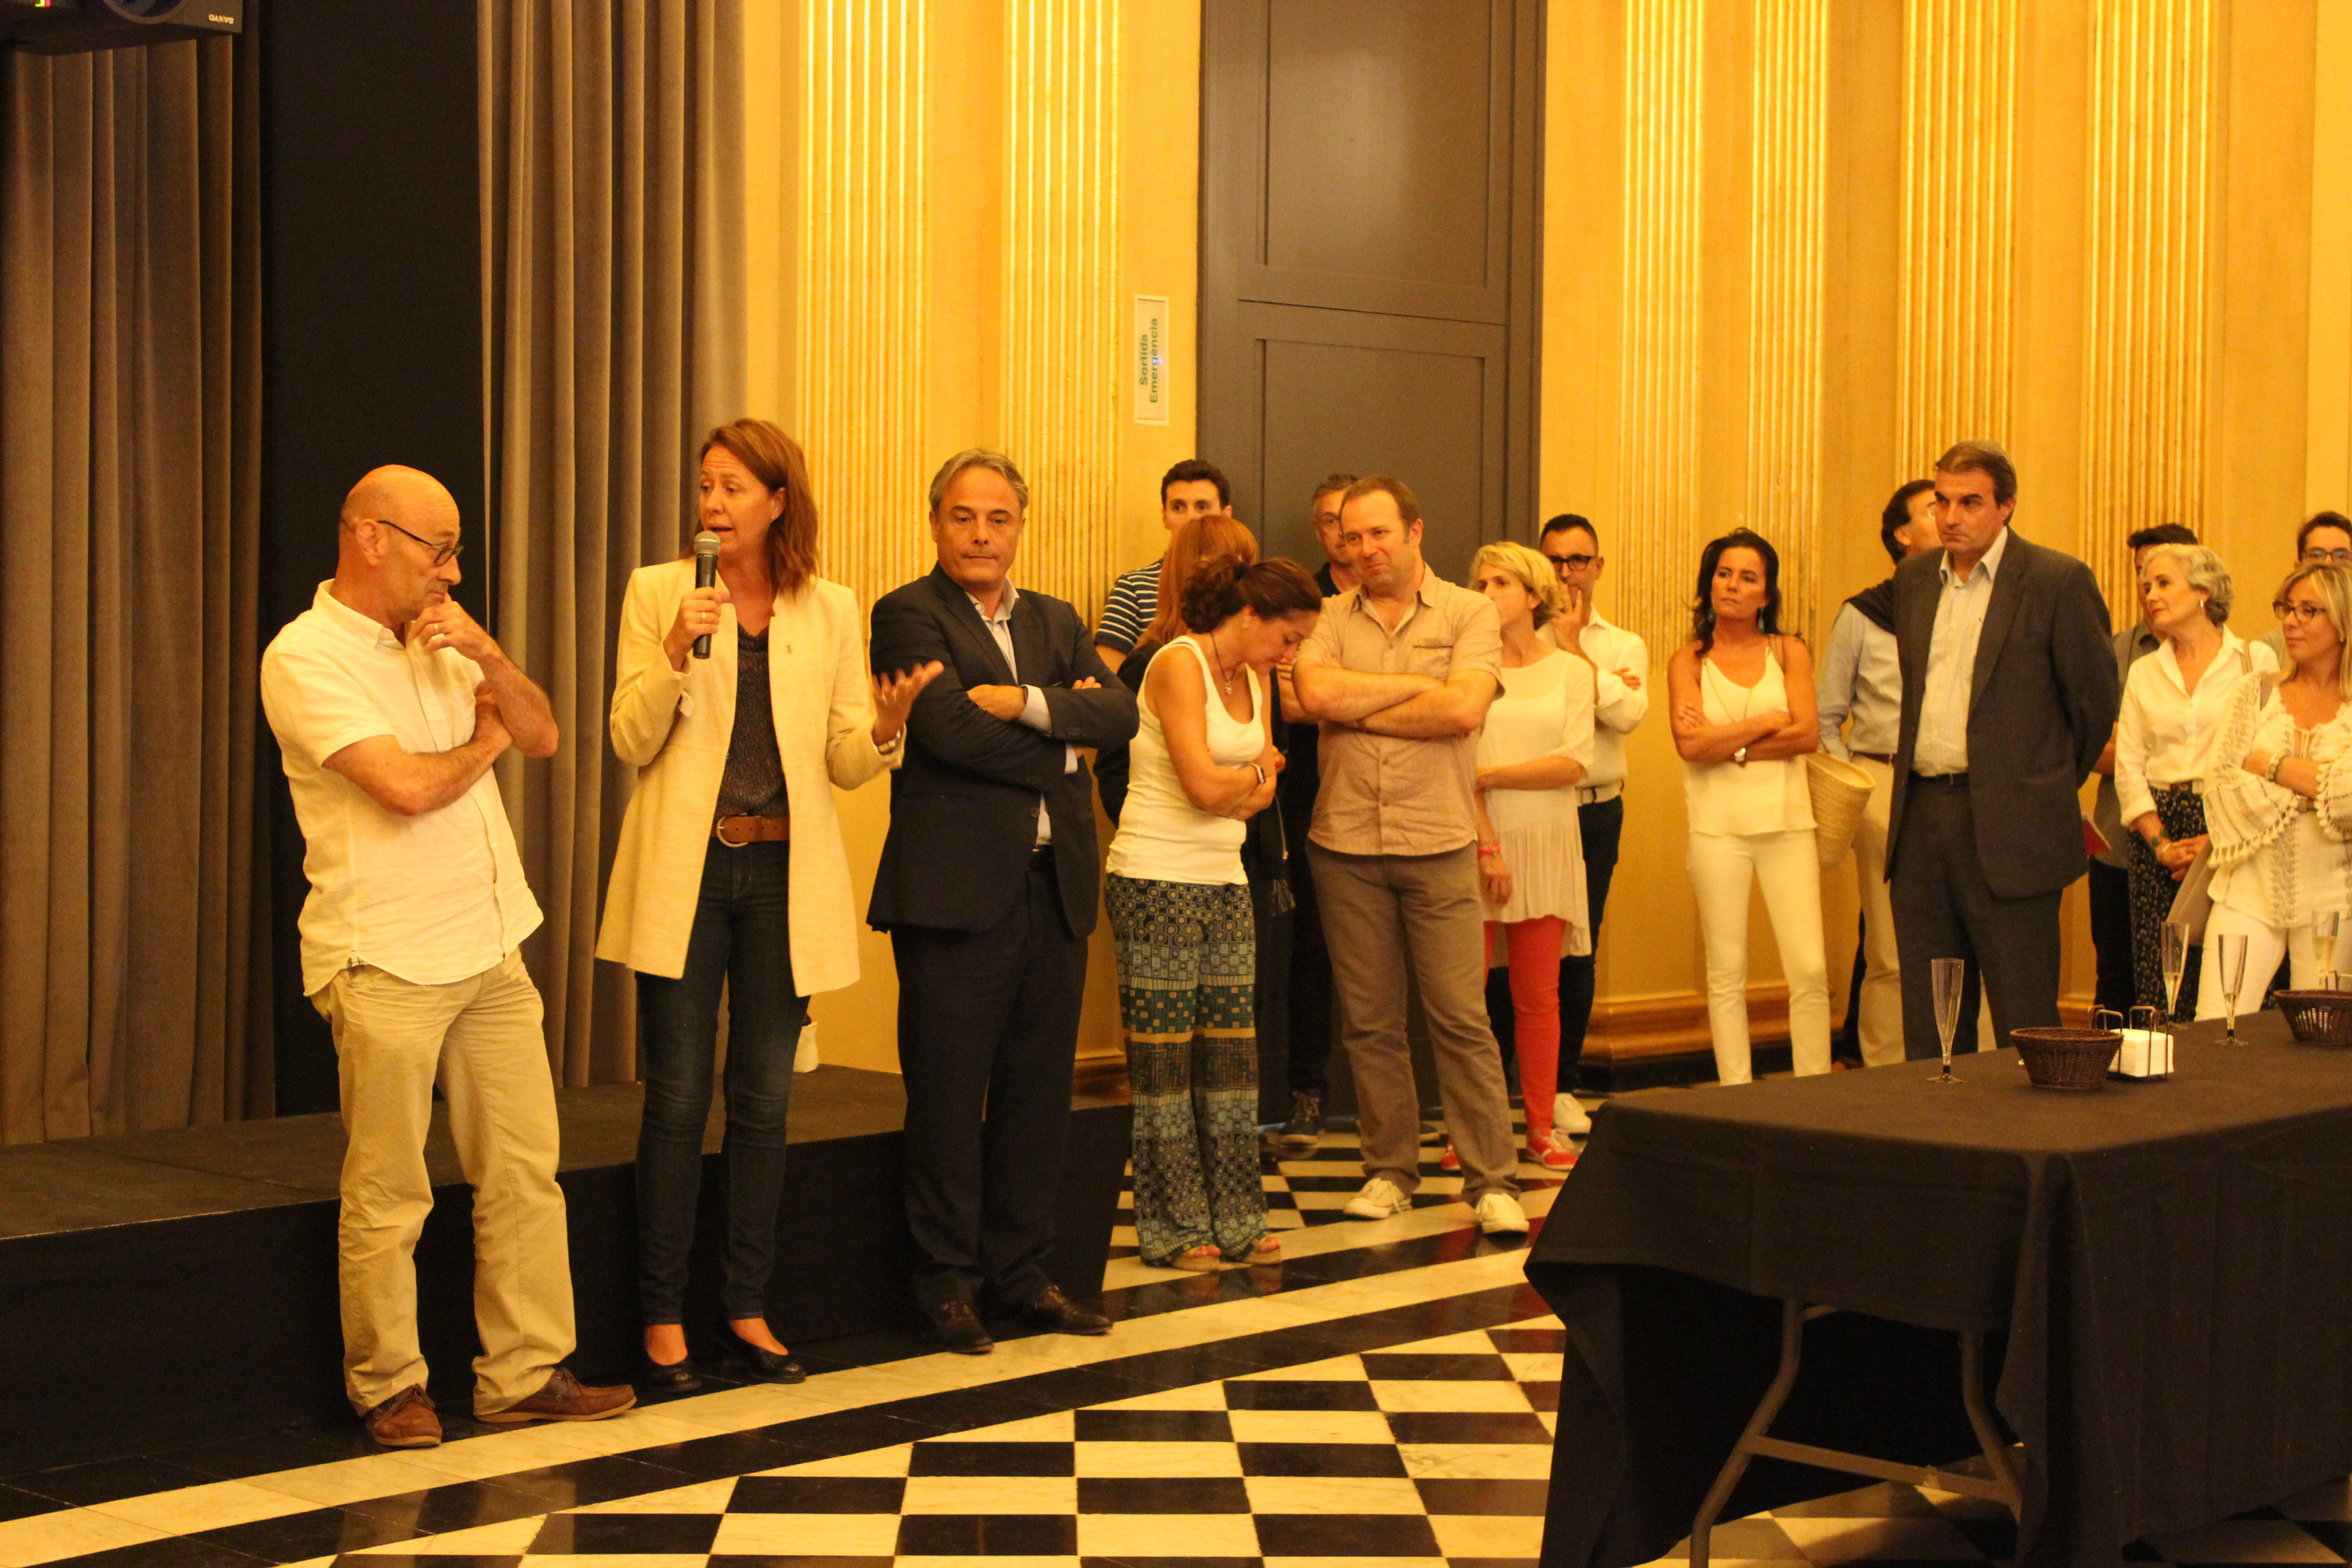 L'alcaldessa de Girona presenta el Temporada Alta 2017 als mecenes del festival.